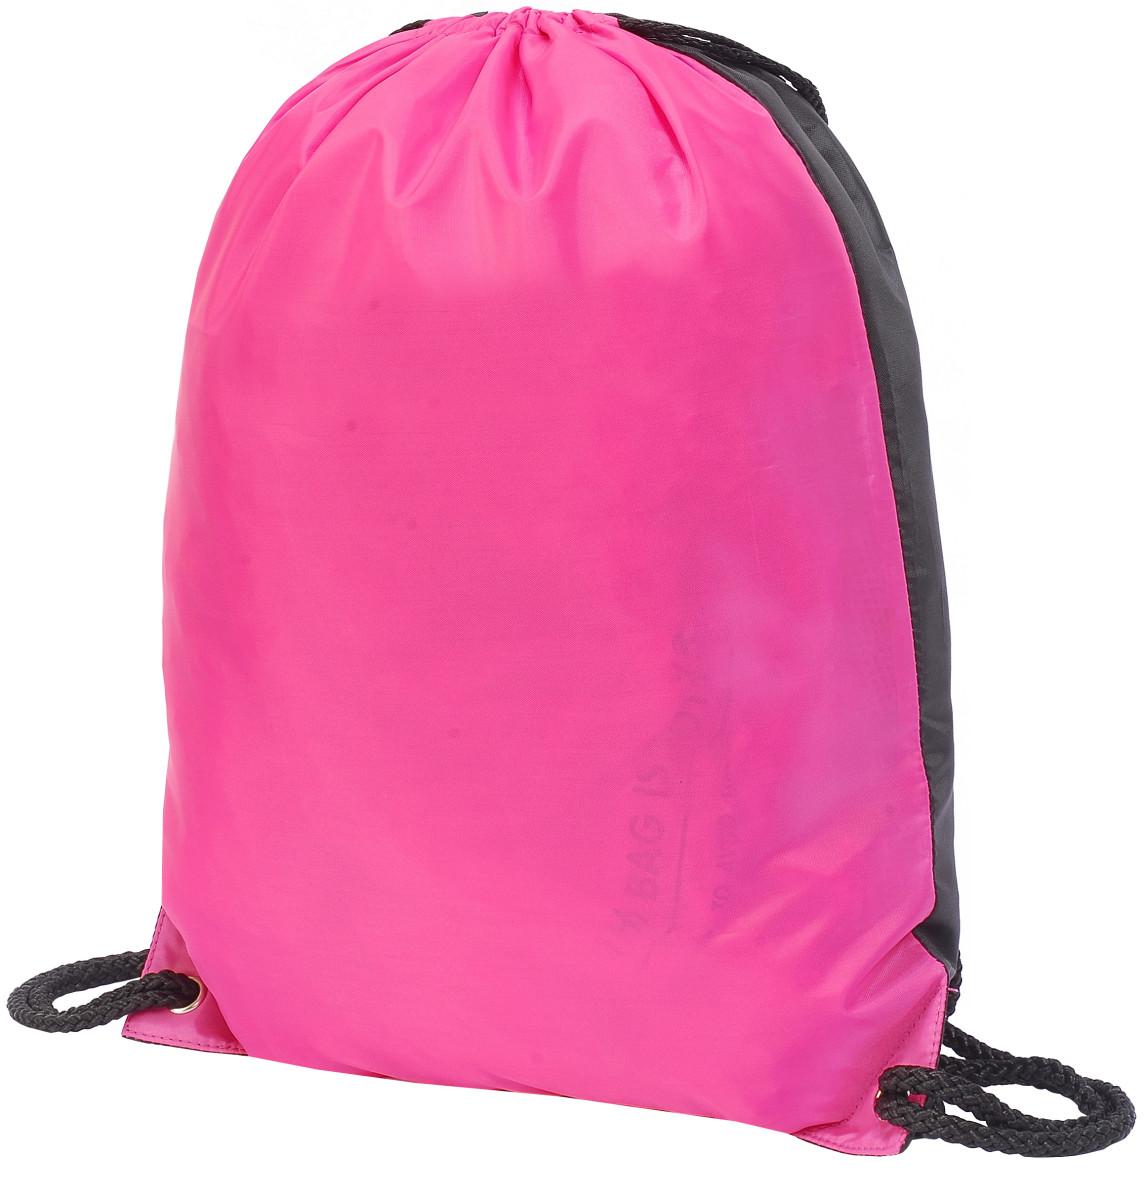 Shugon Stafford Contrast Drawsting Bag